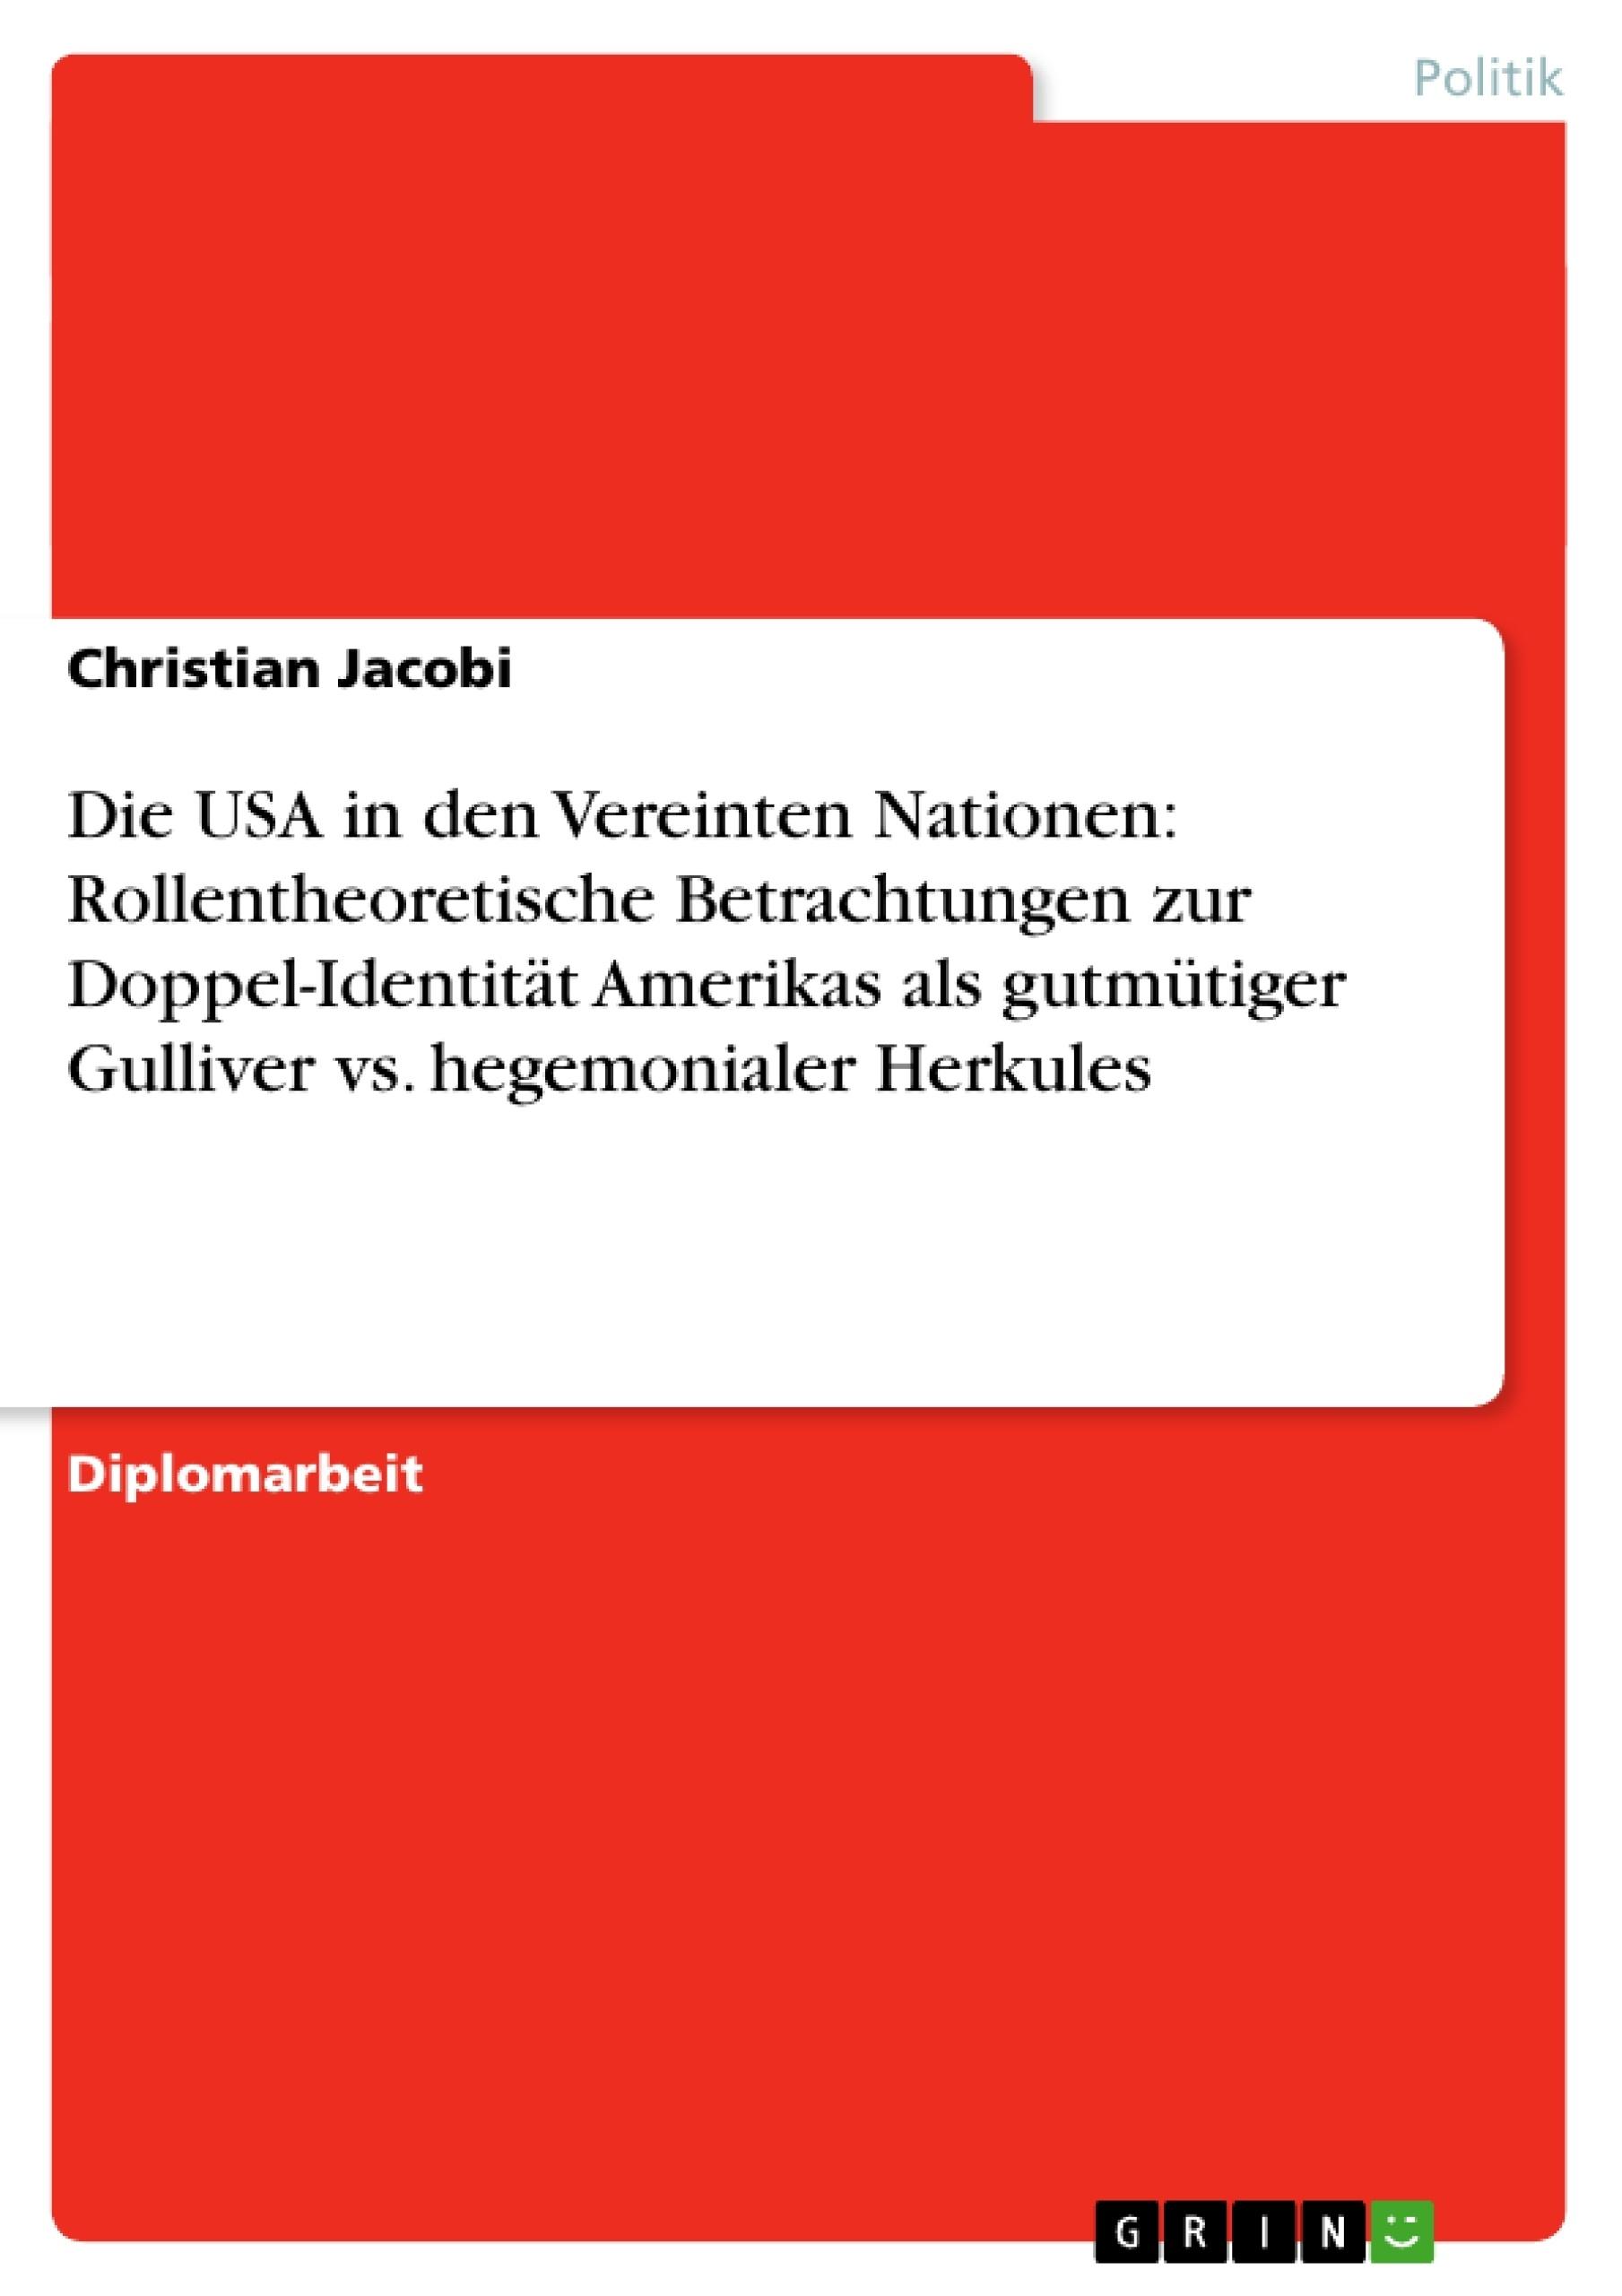 Titel: Die USA in den Vereinten Nationen: Rollentheoretische Betrachtungen zur Doppel-Identität Amerikas als gutmütiger Gulliver vs. hegemonialer Herkules